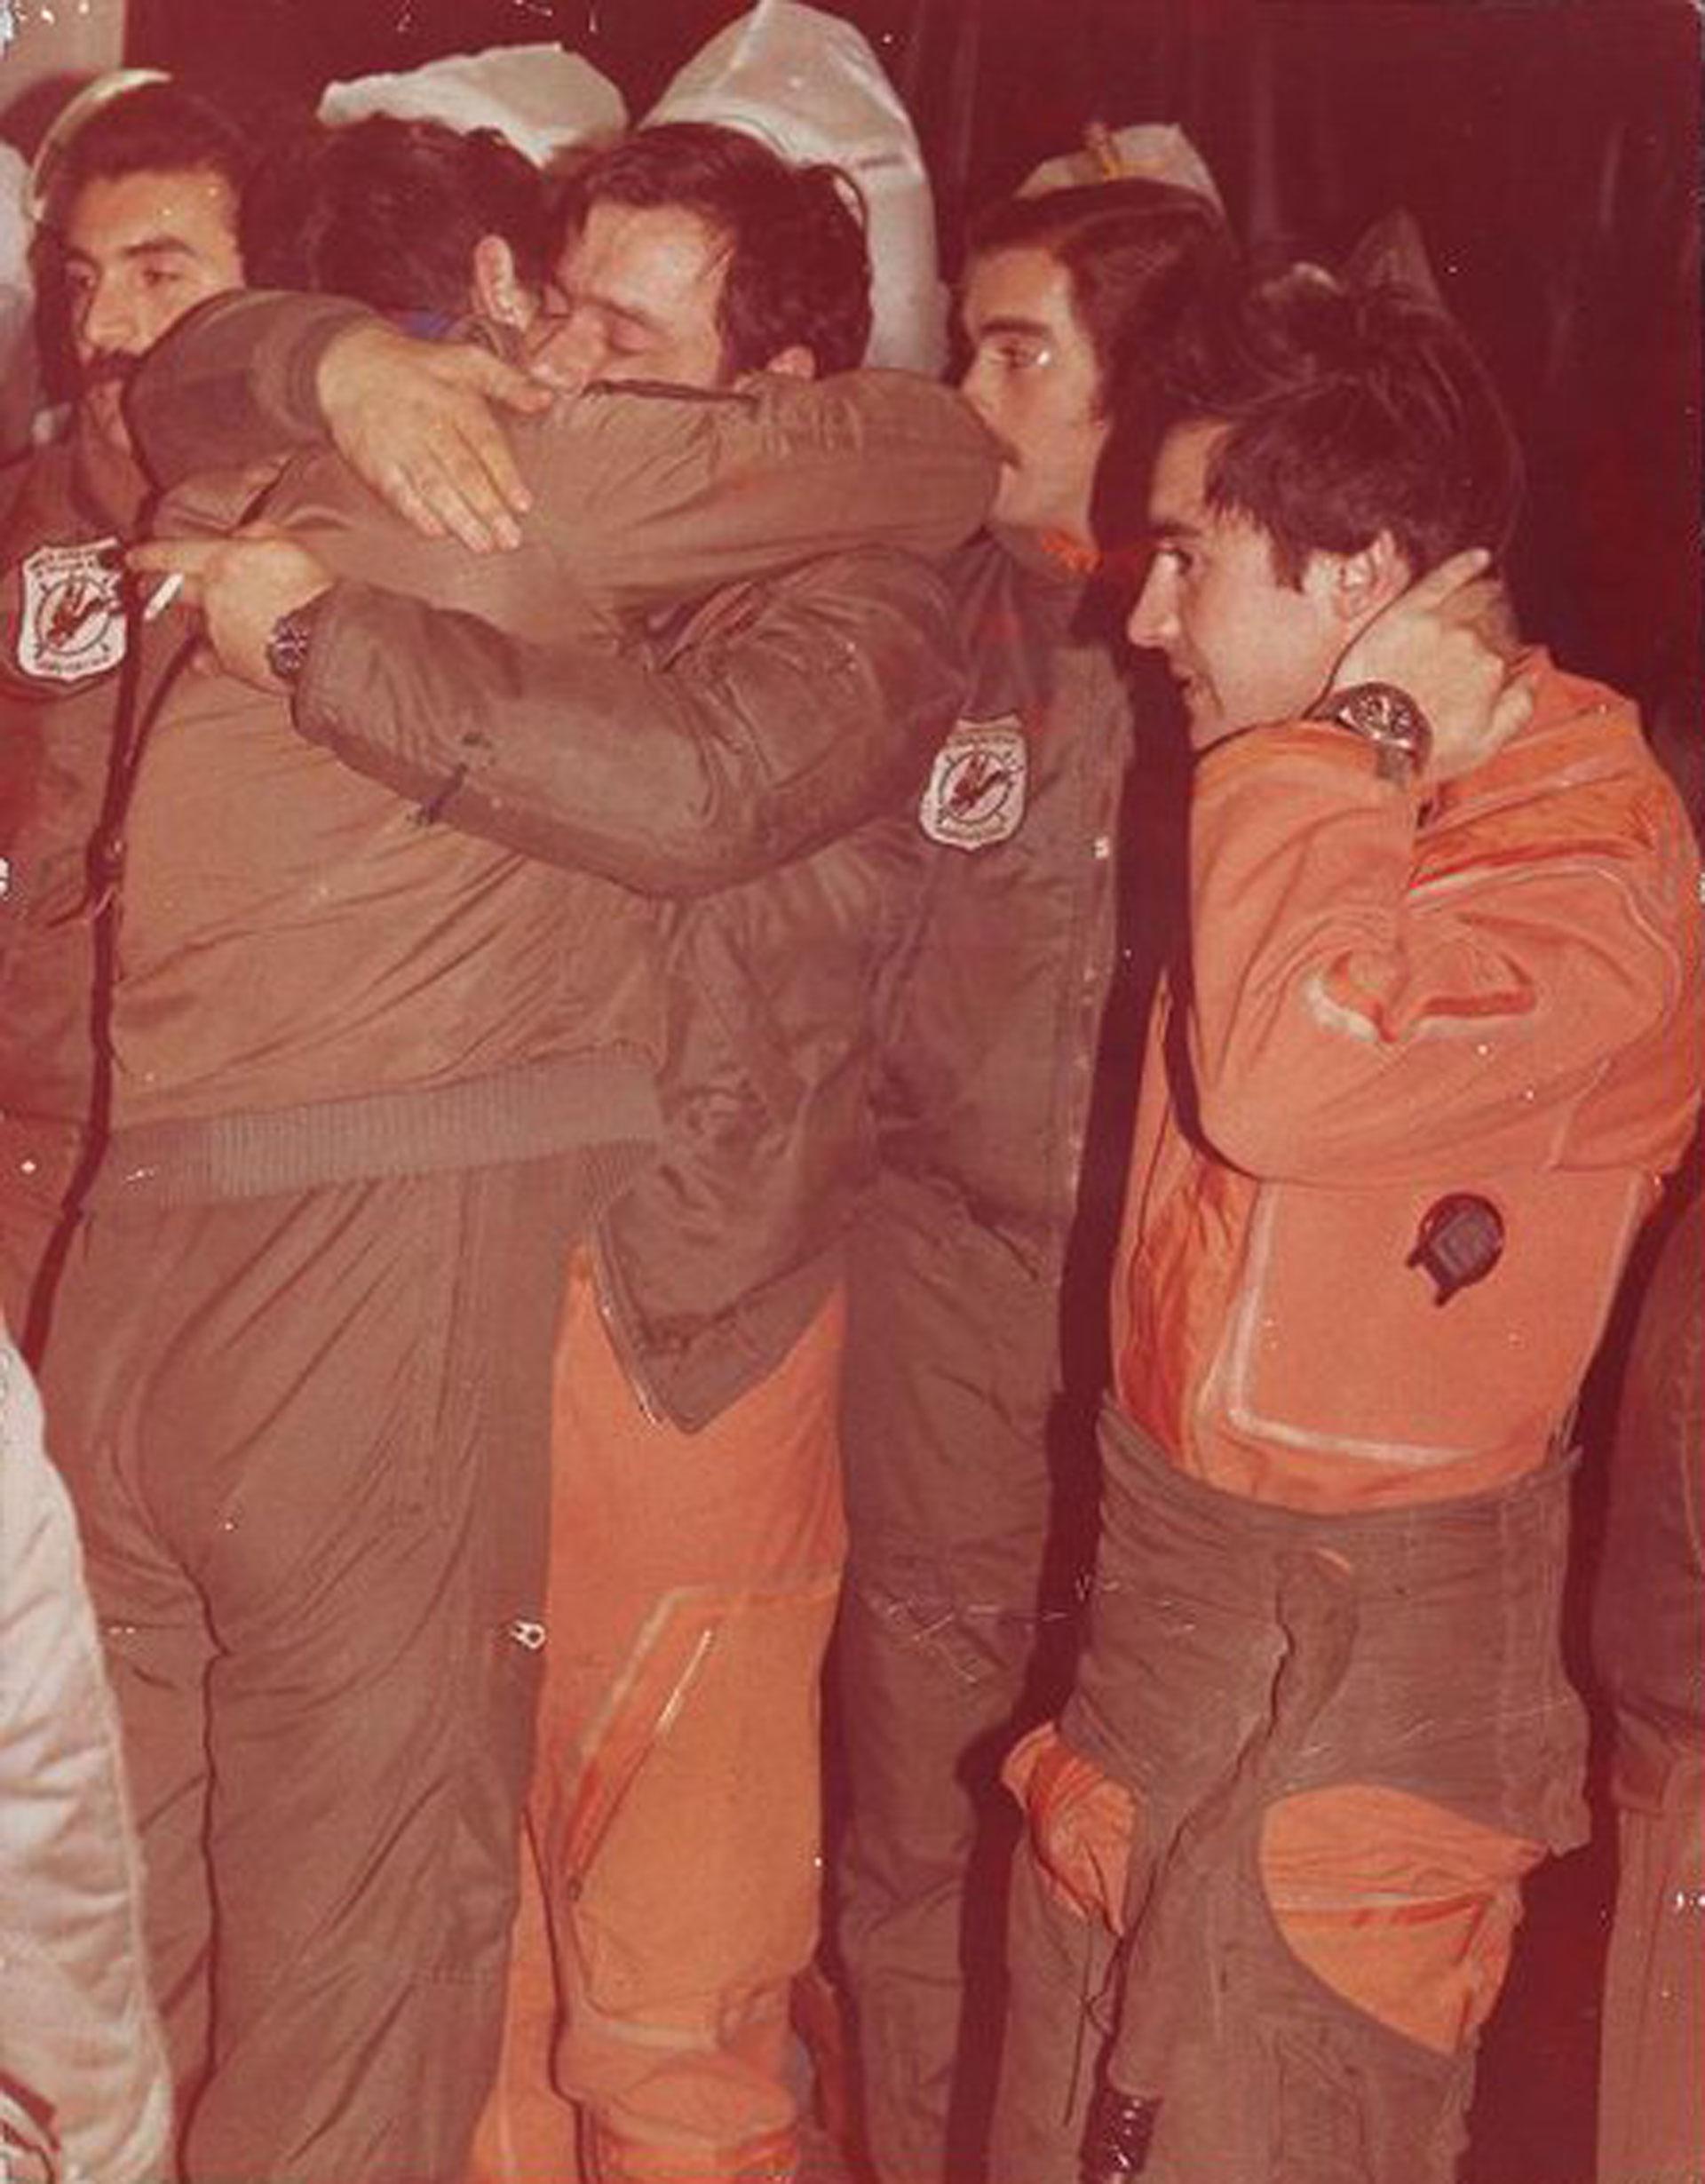 30 de mayo: el alférez Gerardo Isaac (con el traje antiexposición anaranjado) al llegar de la misión en que atacaron al Invencible. Ernesto Ureta se abraza con sus compañeros, que los esperaban en San Julián. Salieron cuatro aviones A4-C, volvieron dos. Murieron los pilotos Castillo y Vázquez. En esta misión participaron 8 aviones: 2 Hércules, 2 Super Étendard y los 4 A4-C